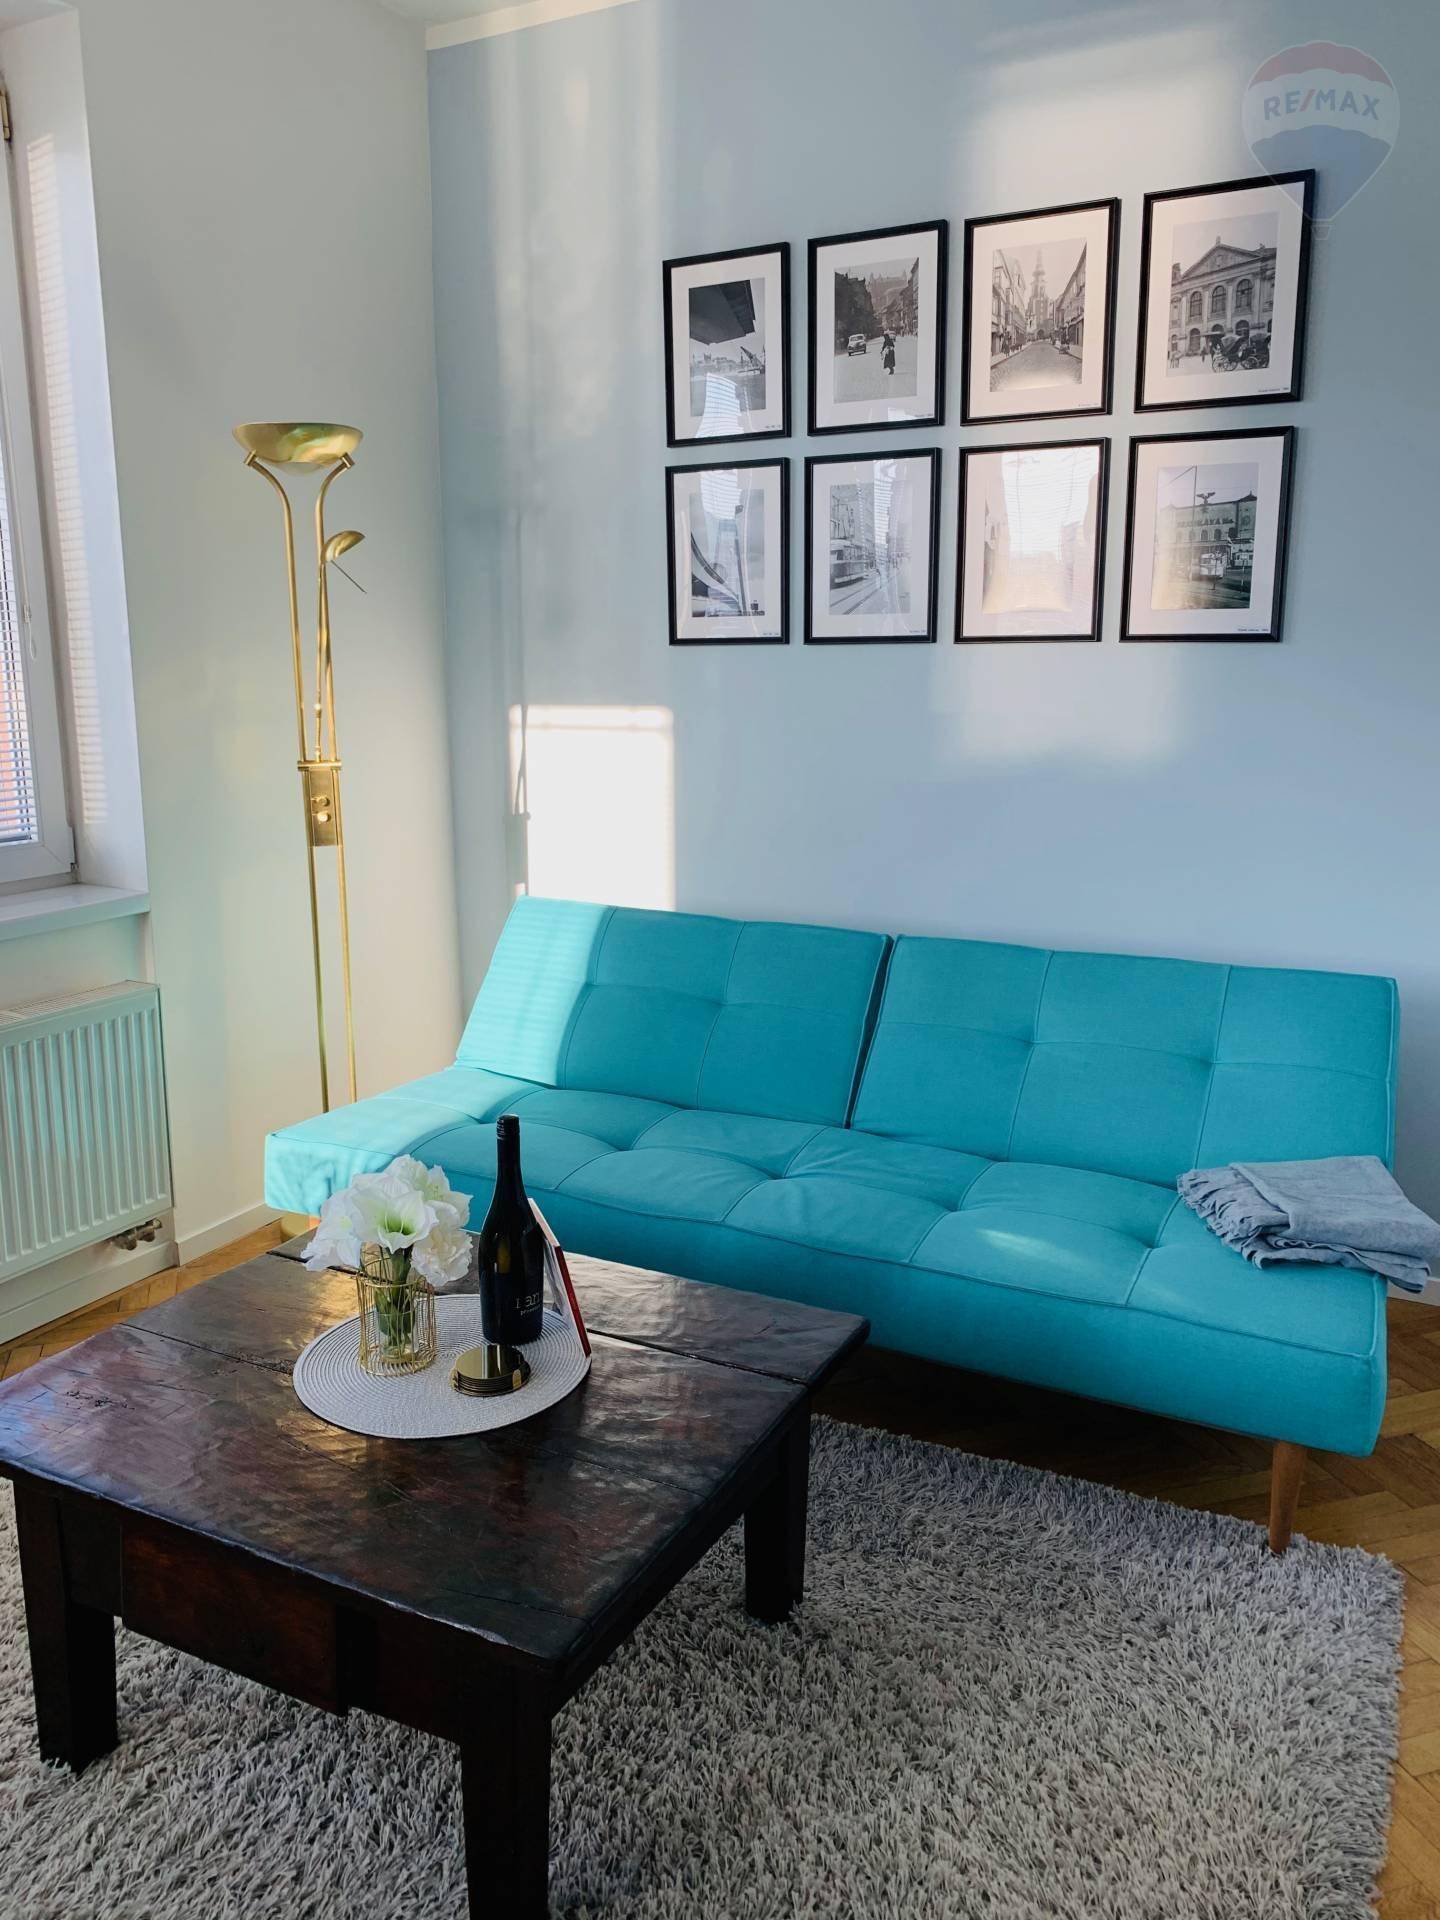 3 izbový exluzívny byt na prenájom v Starom Meste